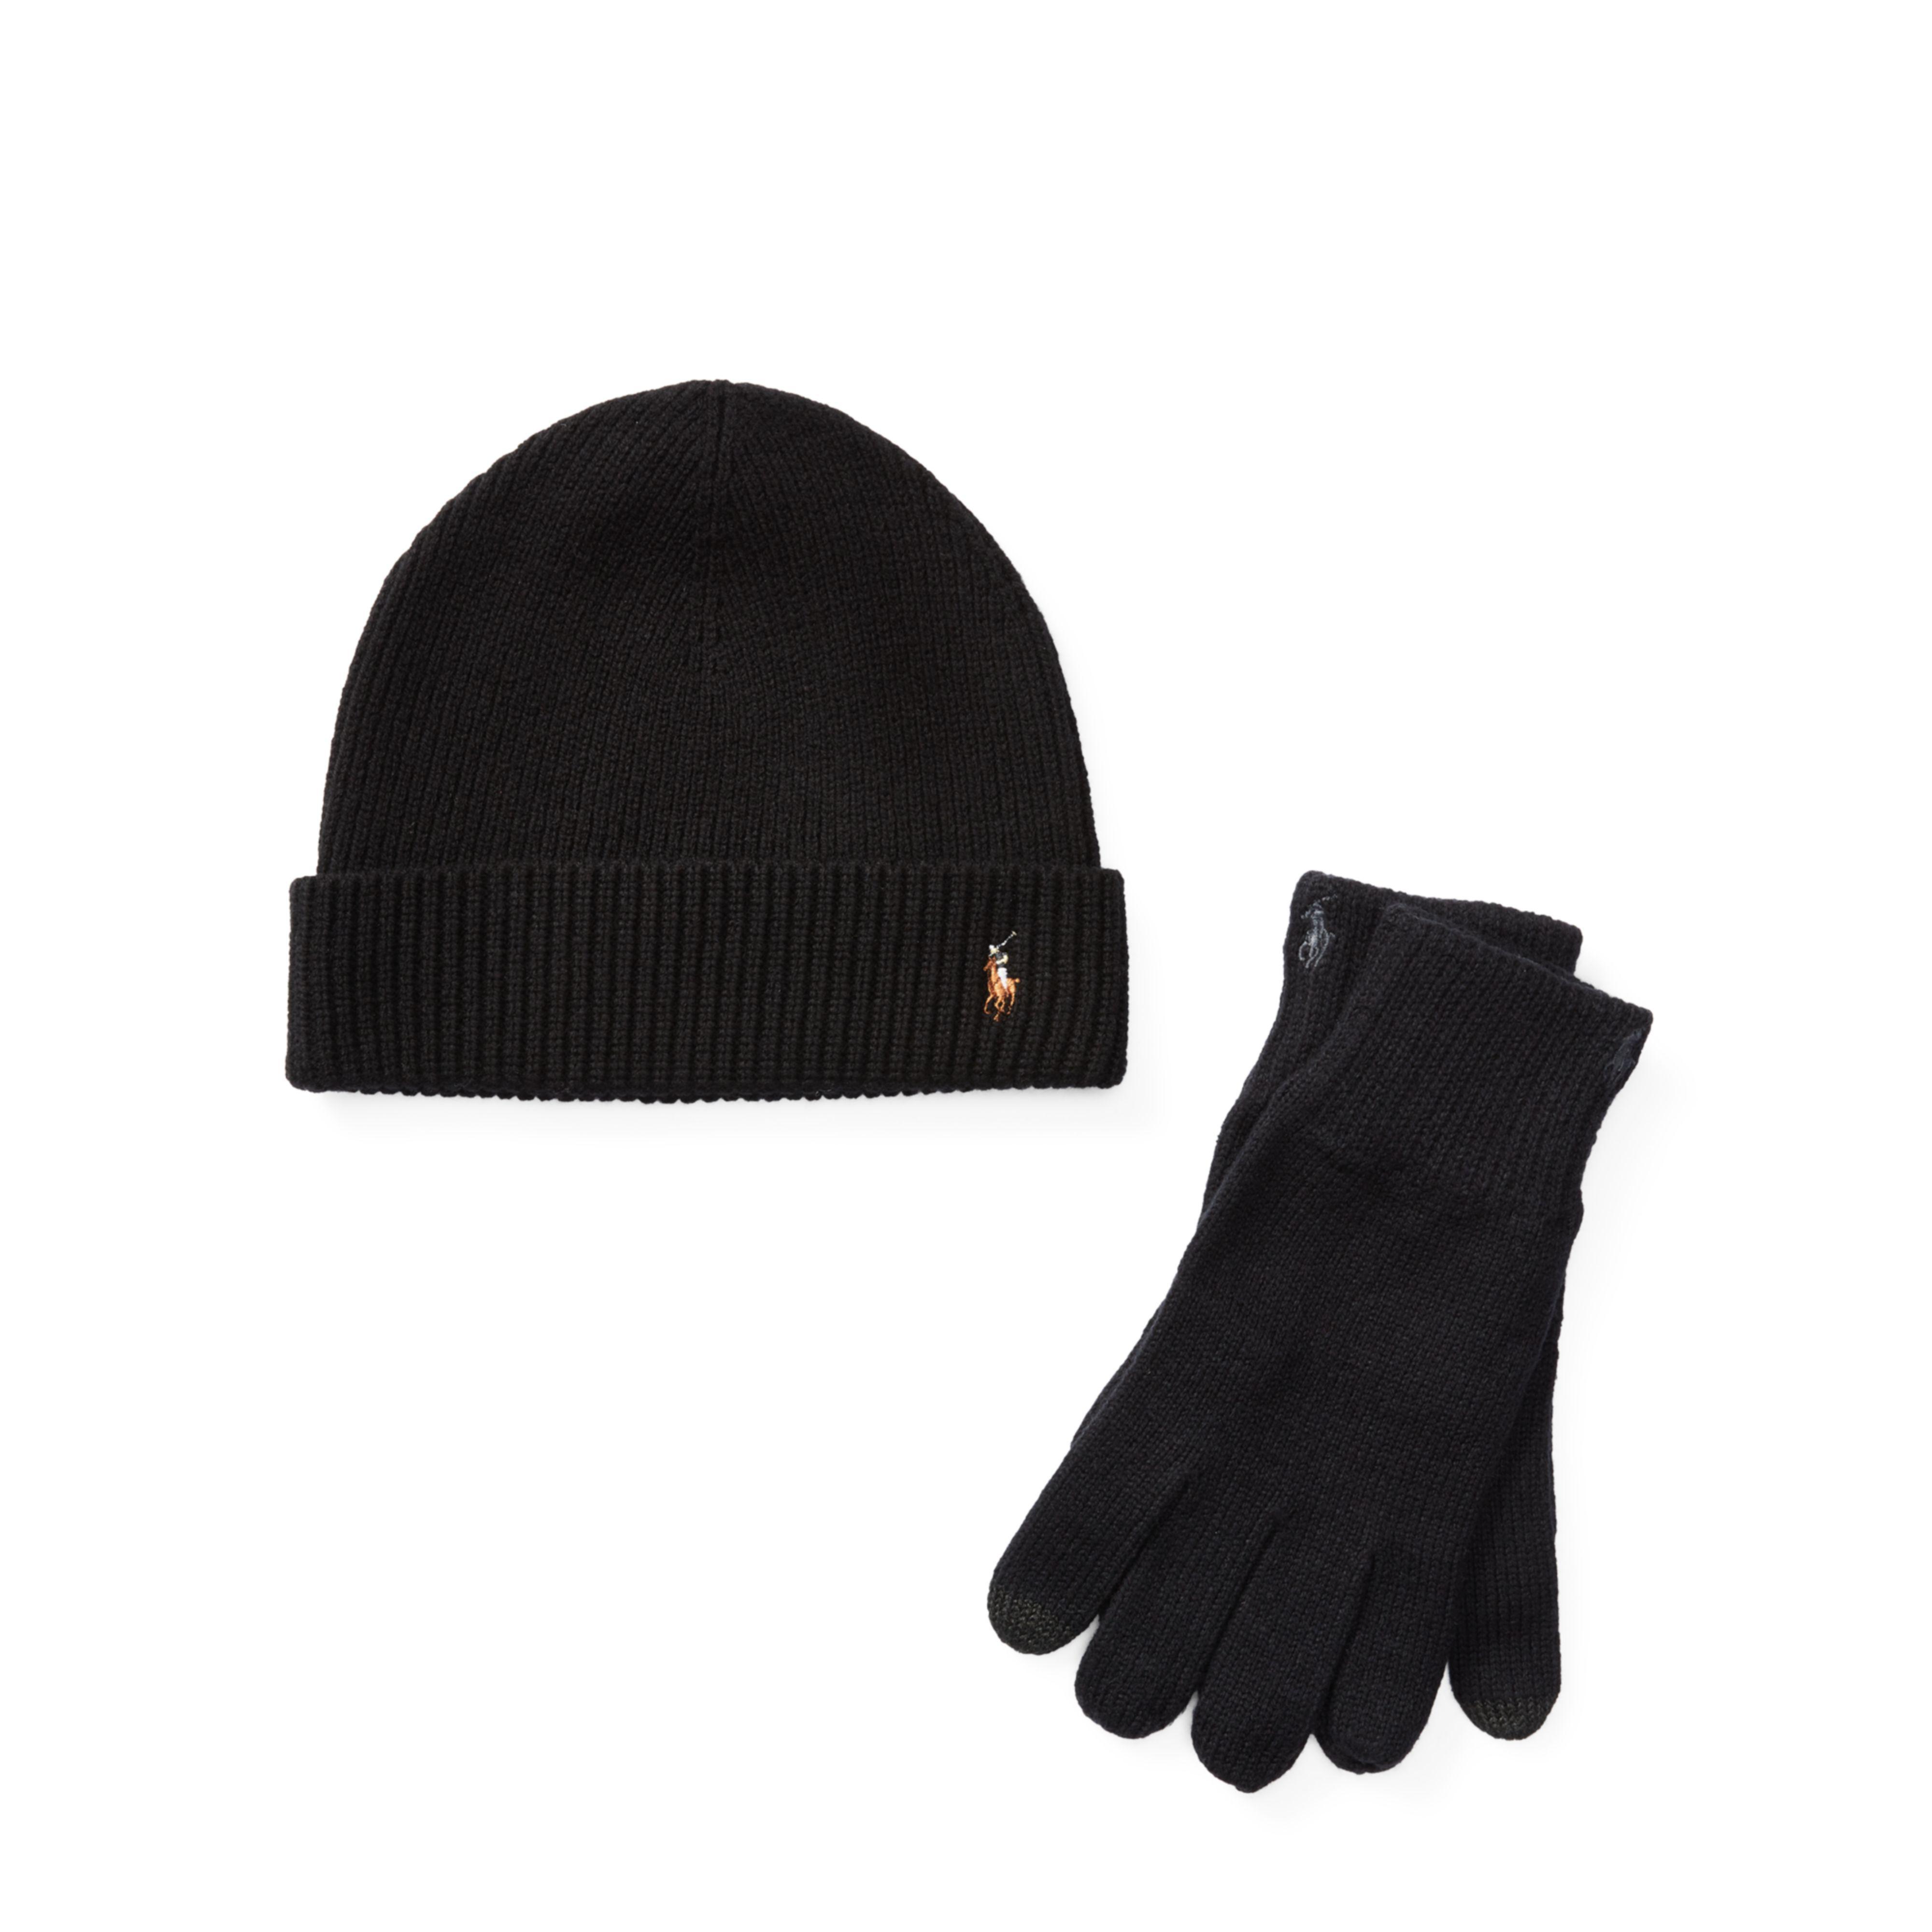 4300c01d81259 Polo Ralph Lauren Merino Hat   Gloves Gift Set in Black for Men - Lyst